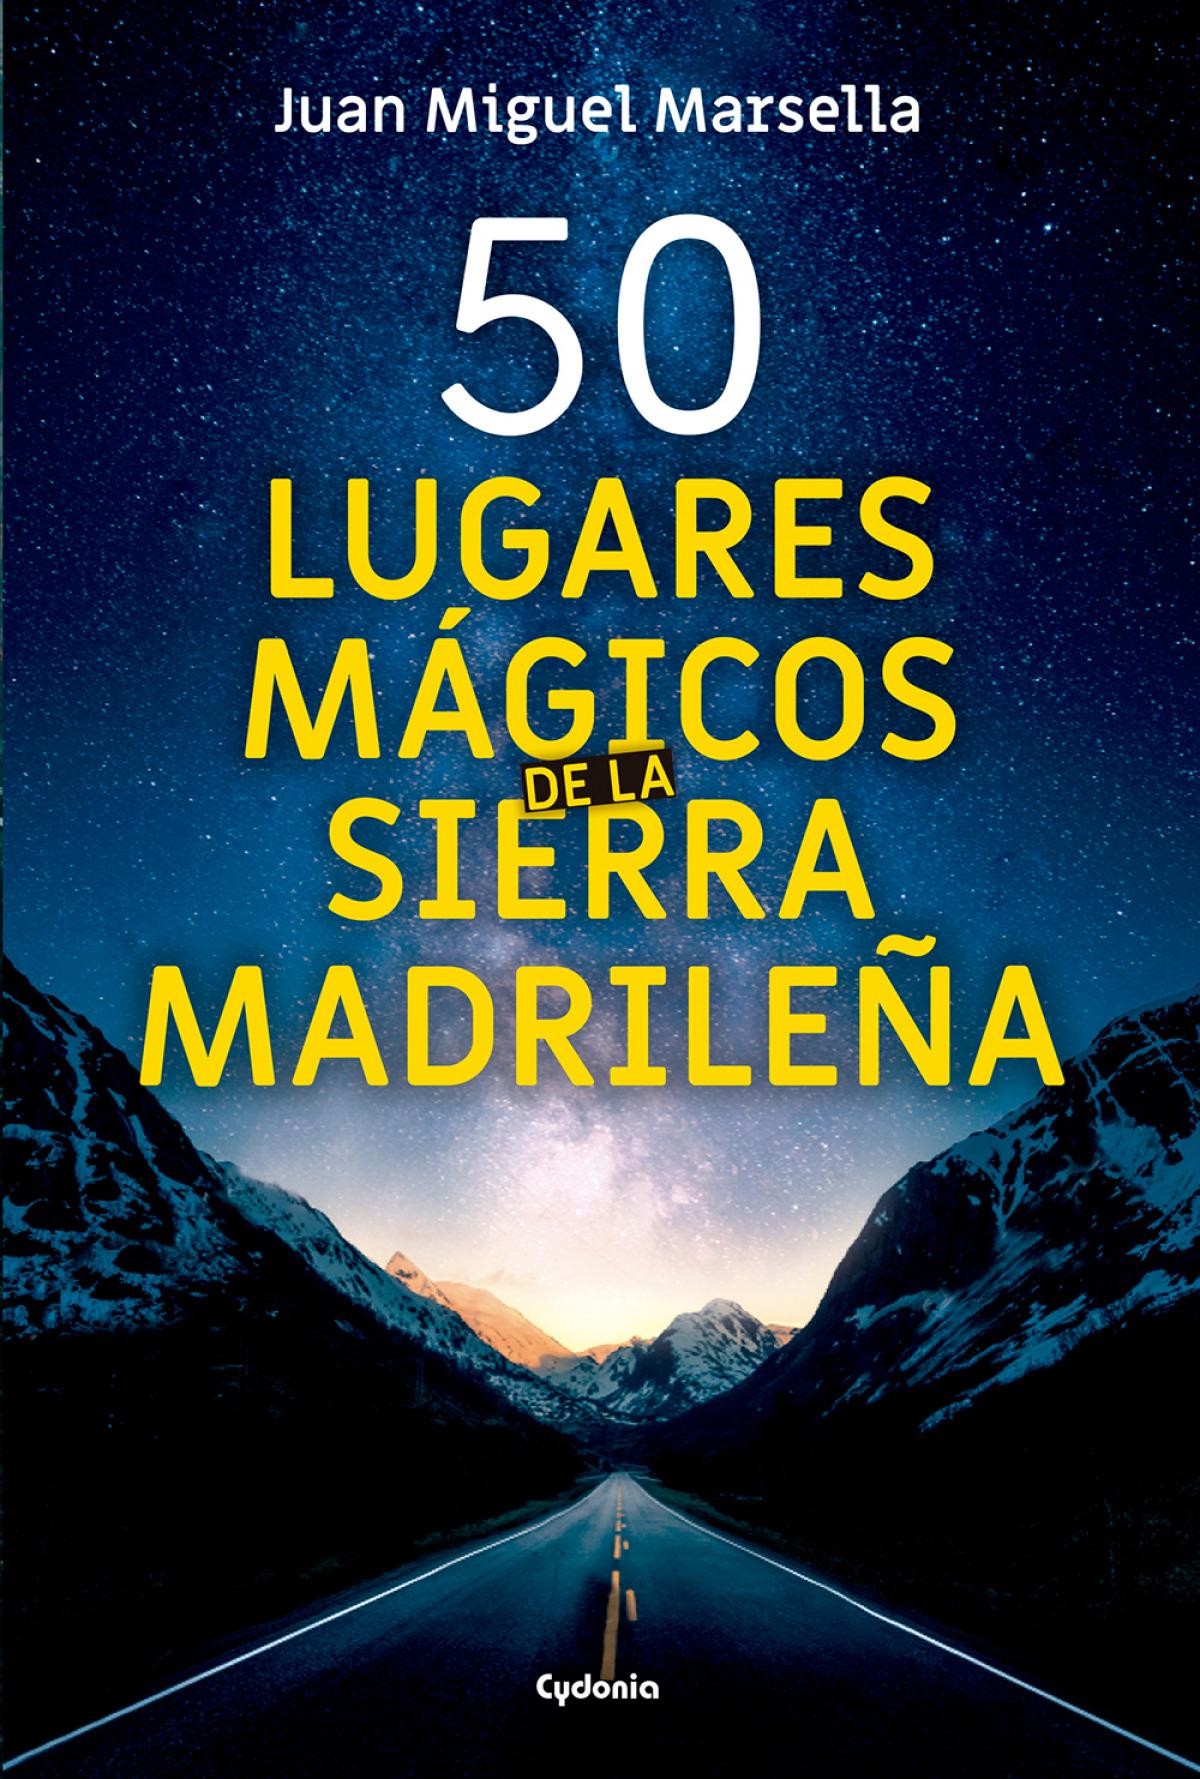 50 lugares mágicos de la sierra madrileña 9788494832123